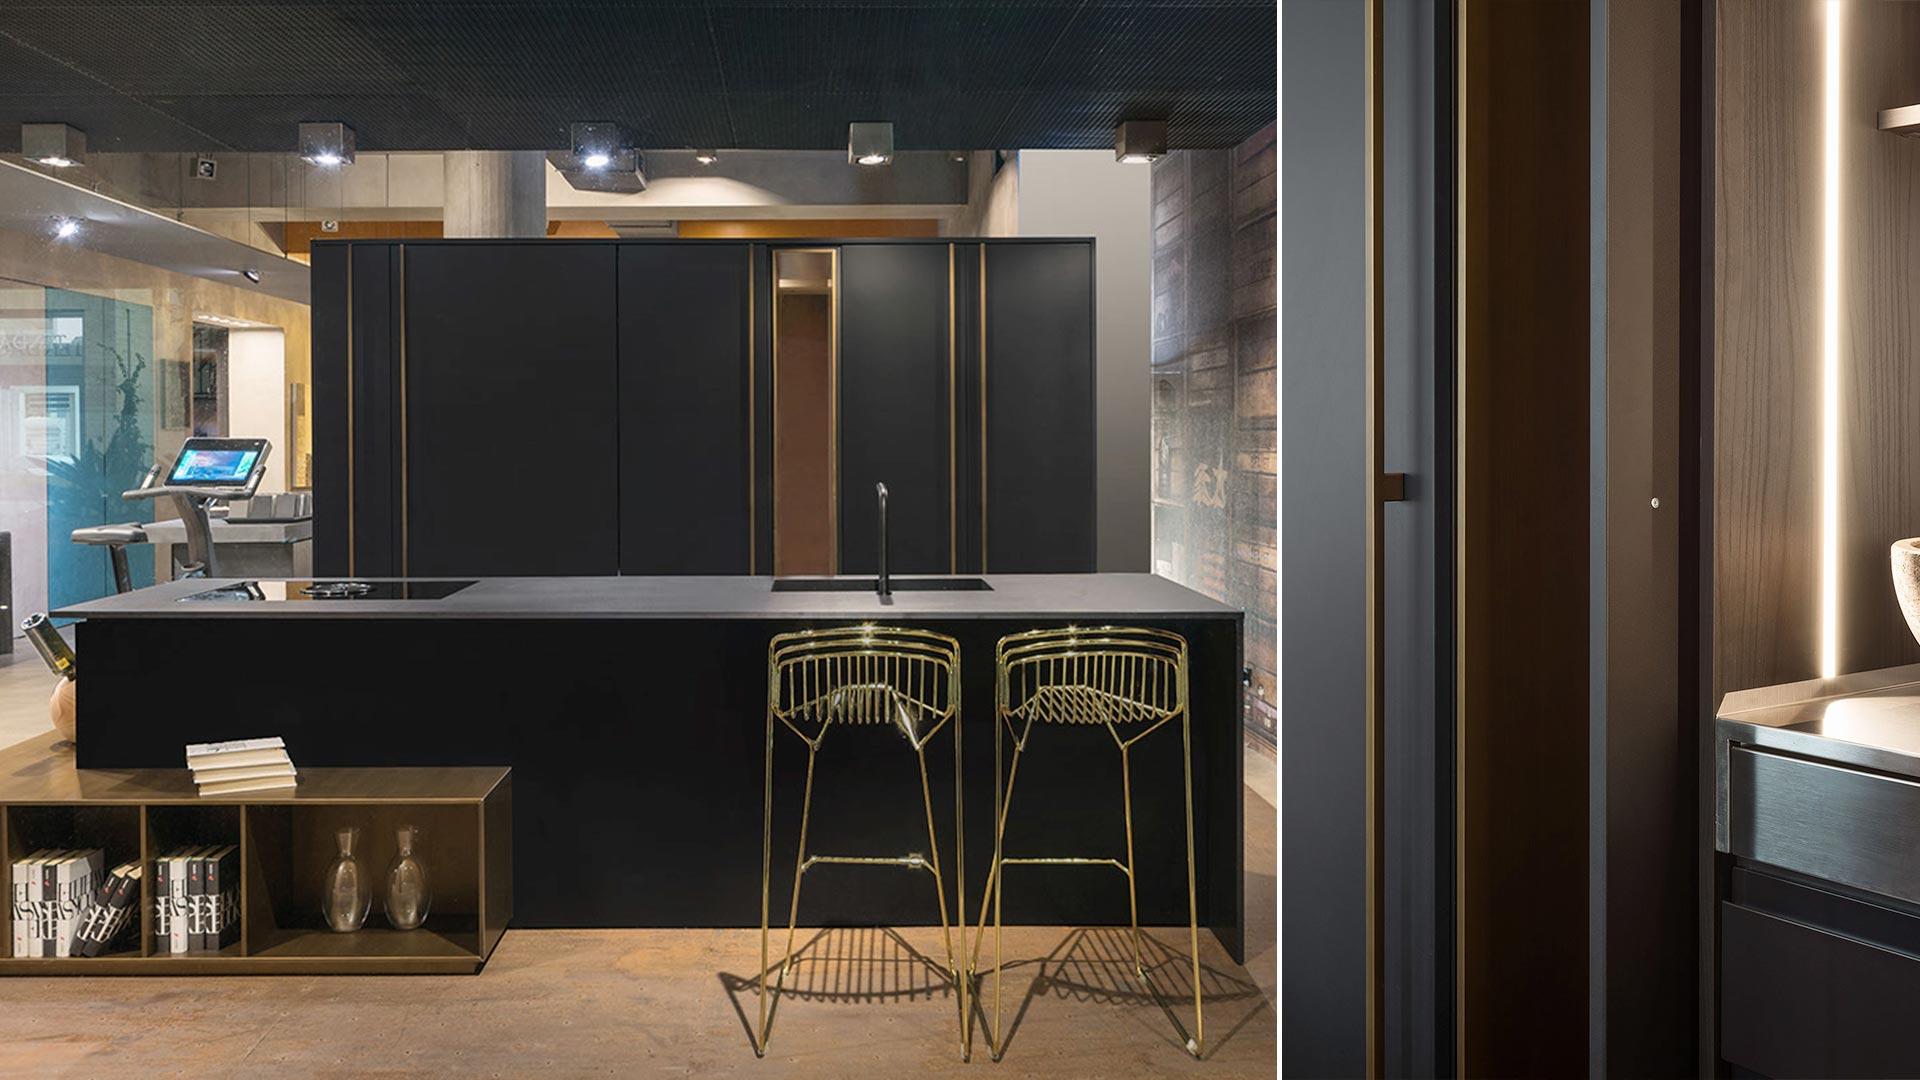 Cucina con lato colonne lineare, colonne vetrina e isola realizzato a Roma - TM19_RM_G180-D90-IKN_expo1_002